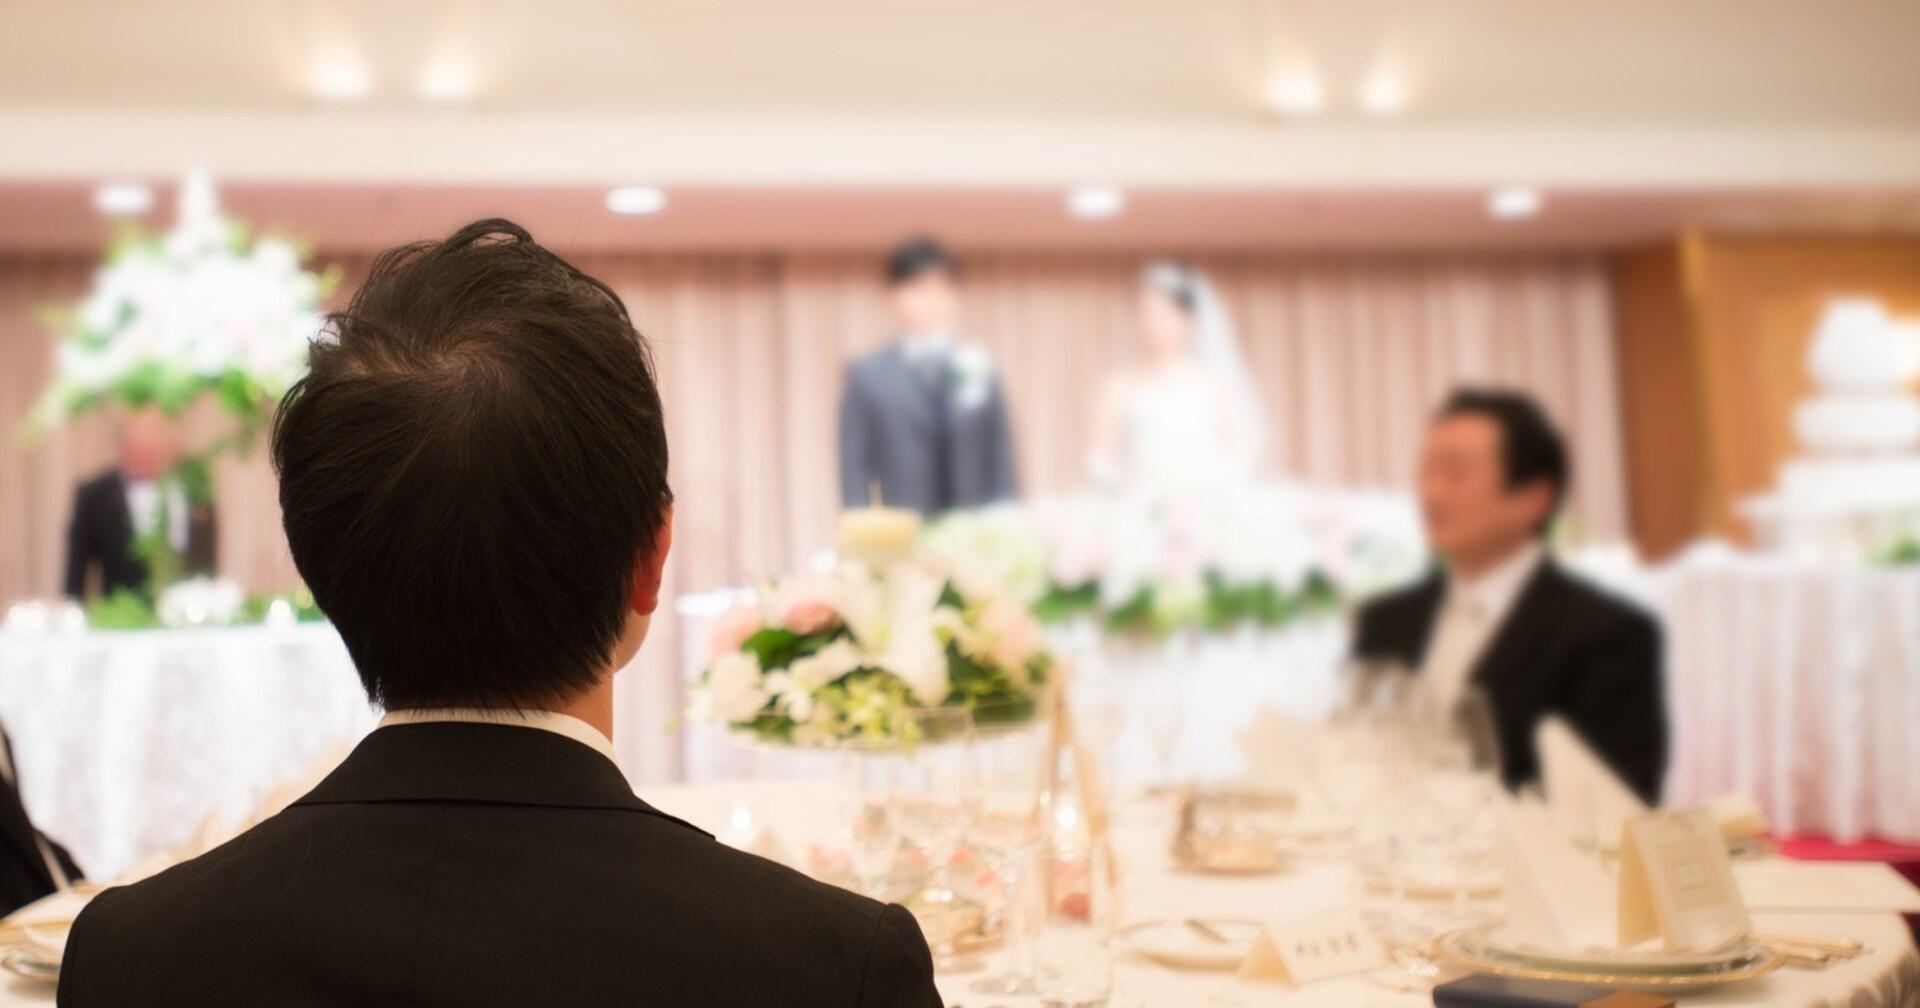 【衝撃】元カノの結婚式に招待されたので参加したところ…まさかの新事実が発覚し、戸惑いを隠しきれなかった件